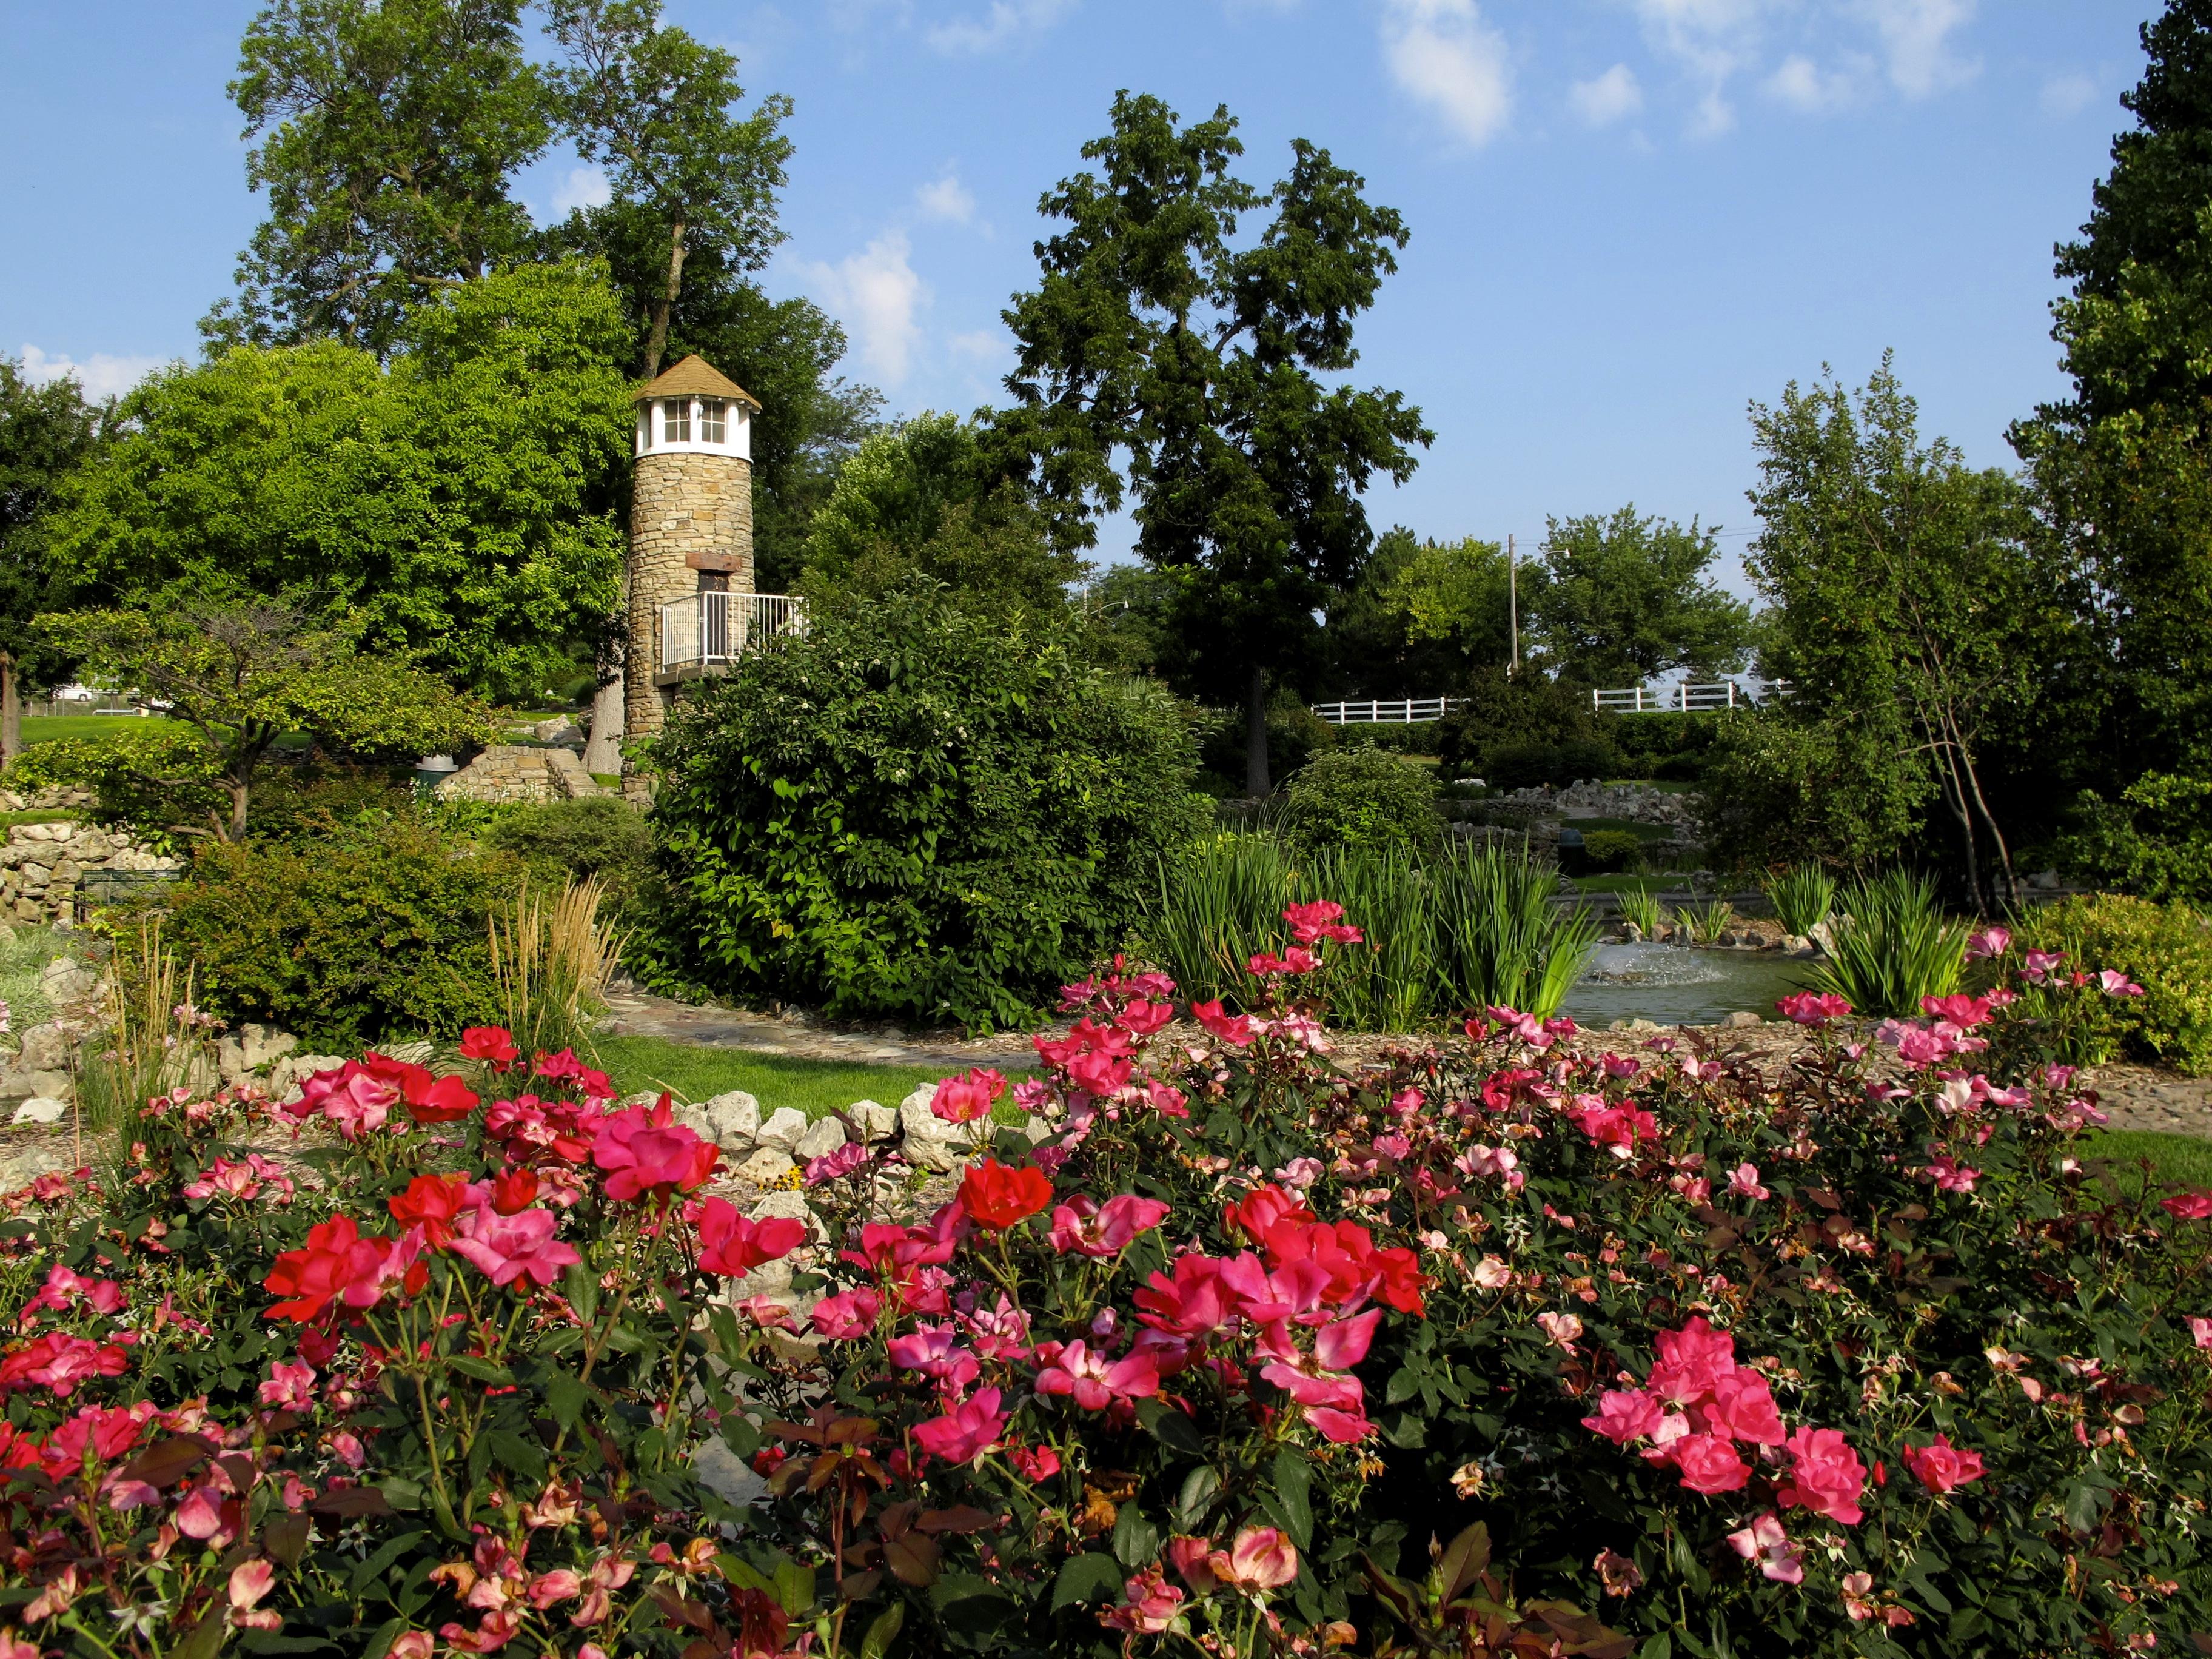 filerock garden lighthouse harmon park kearney nejpg - Garden Lighthouse